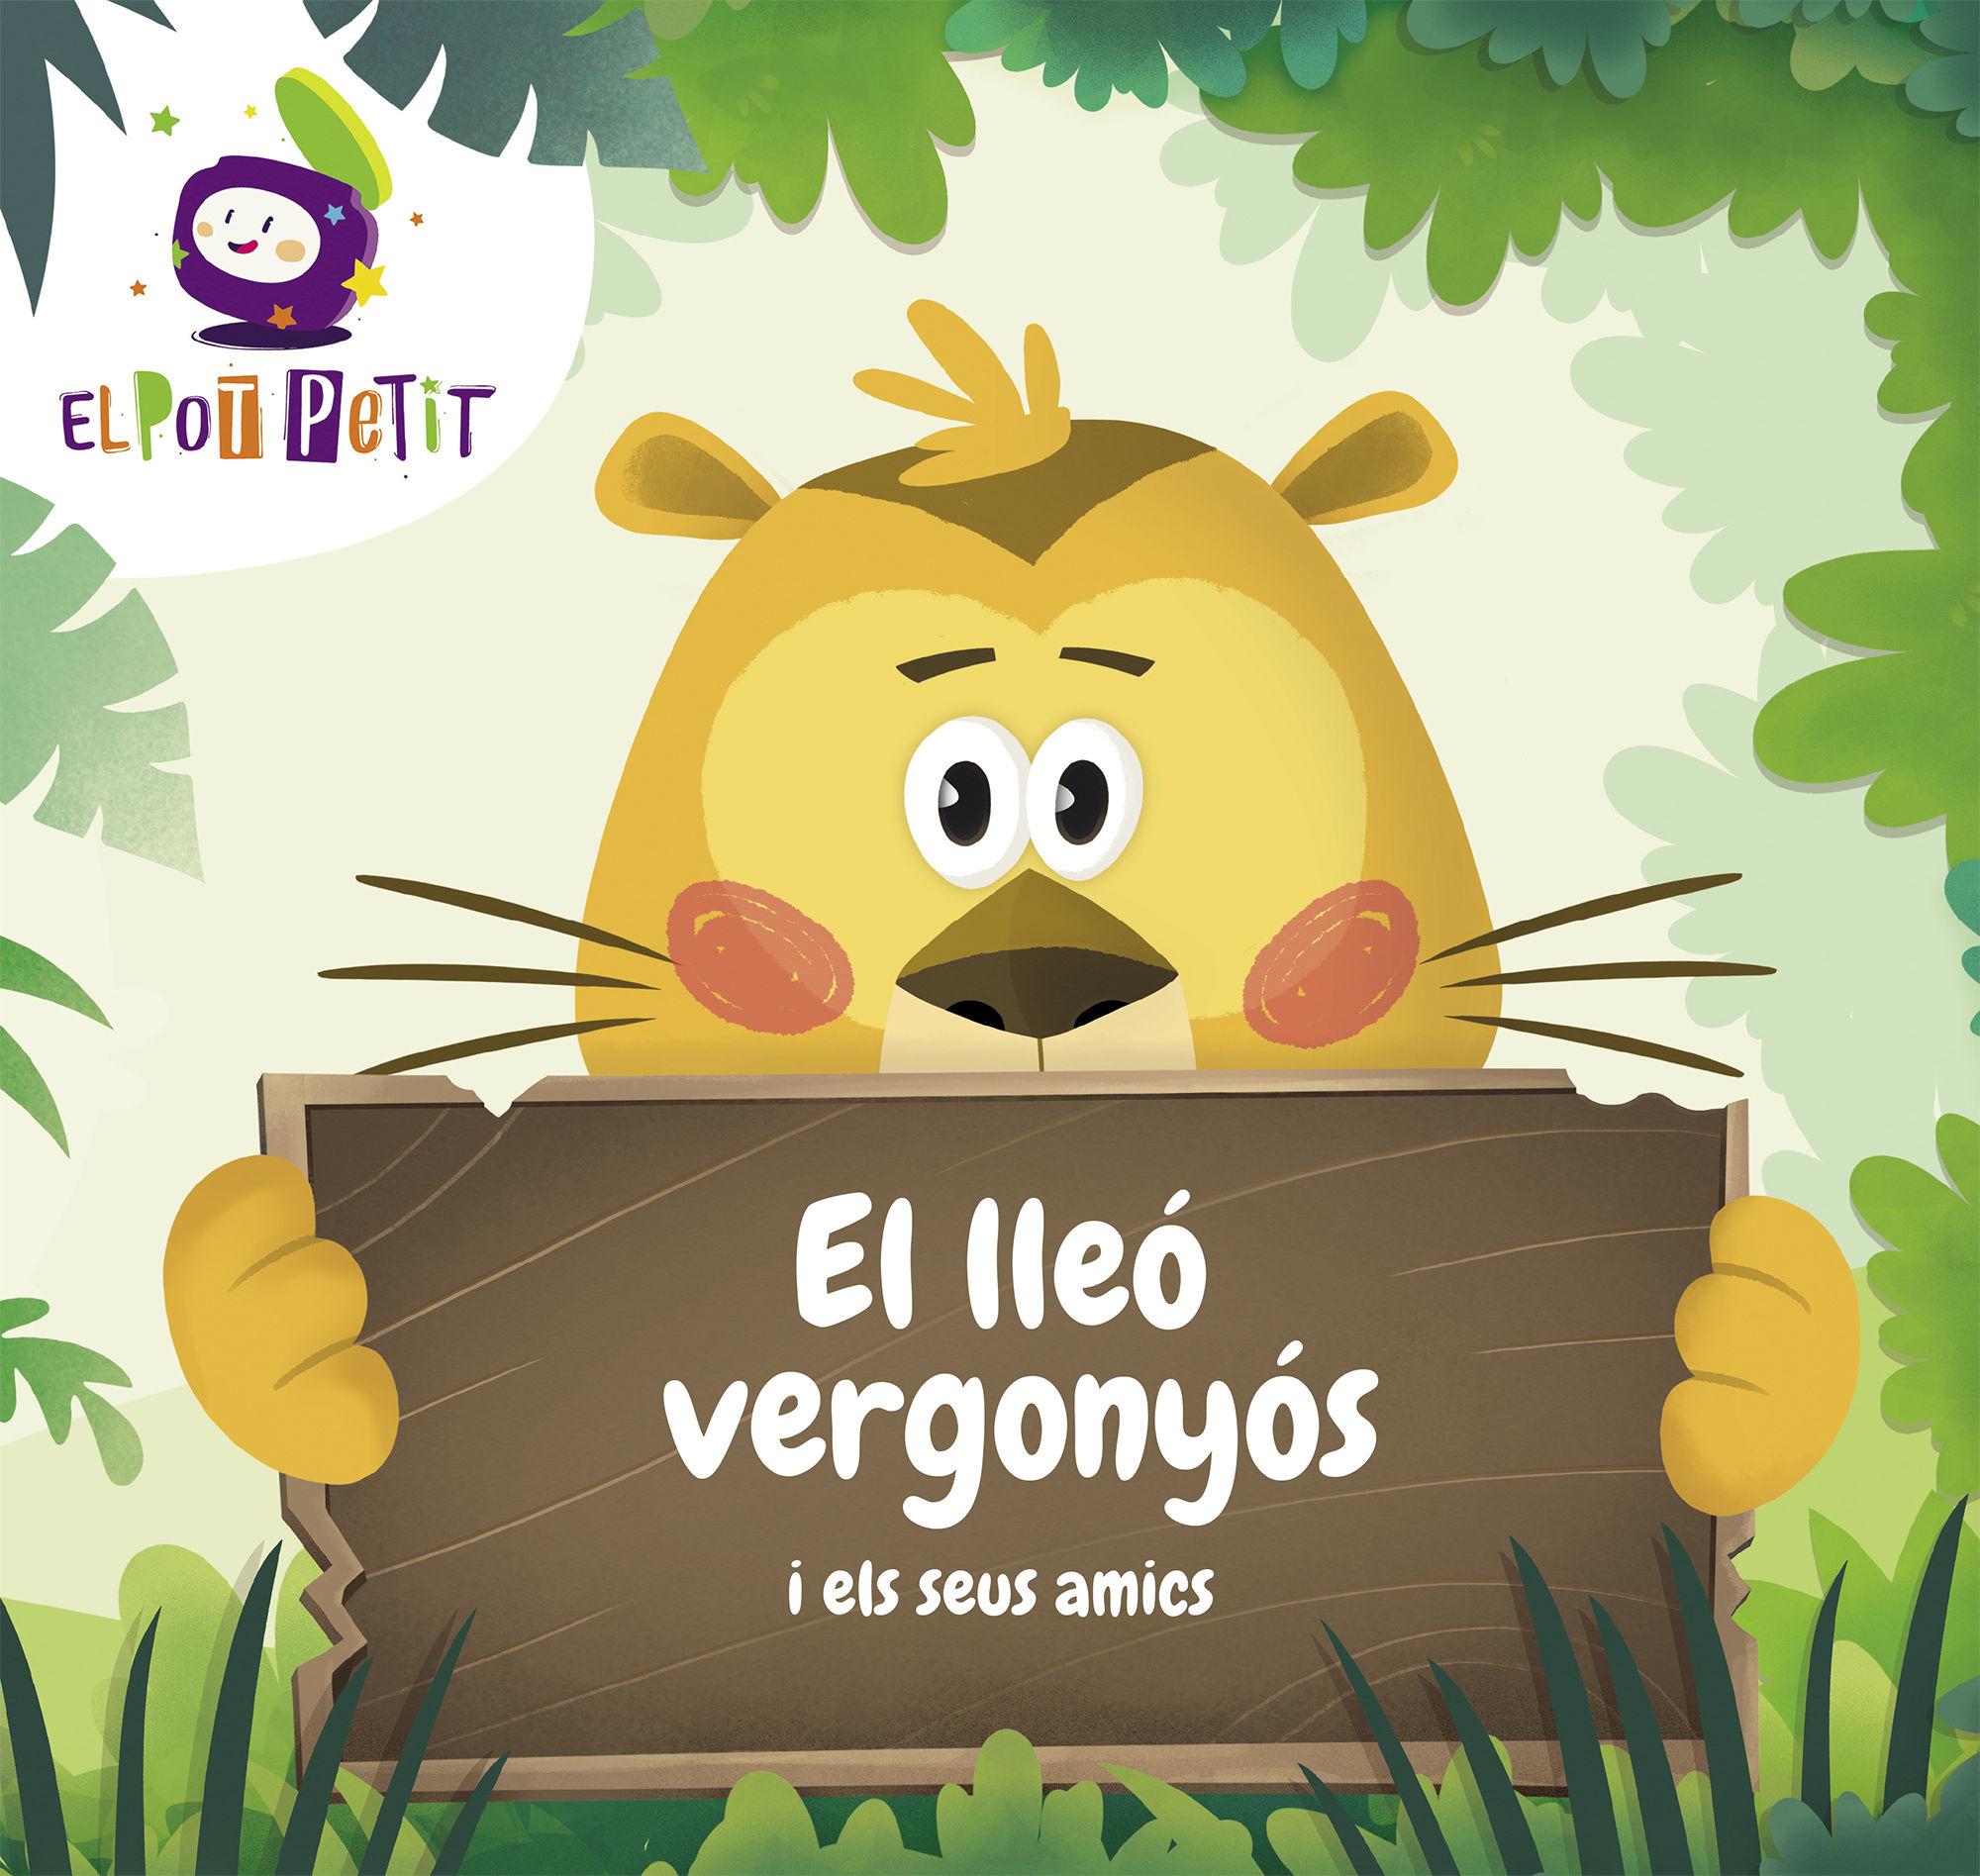 LLEO VERGONYOS I ELS SEUS AMICS EL